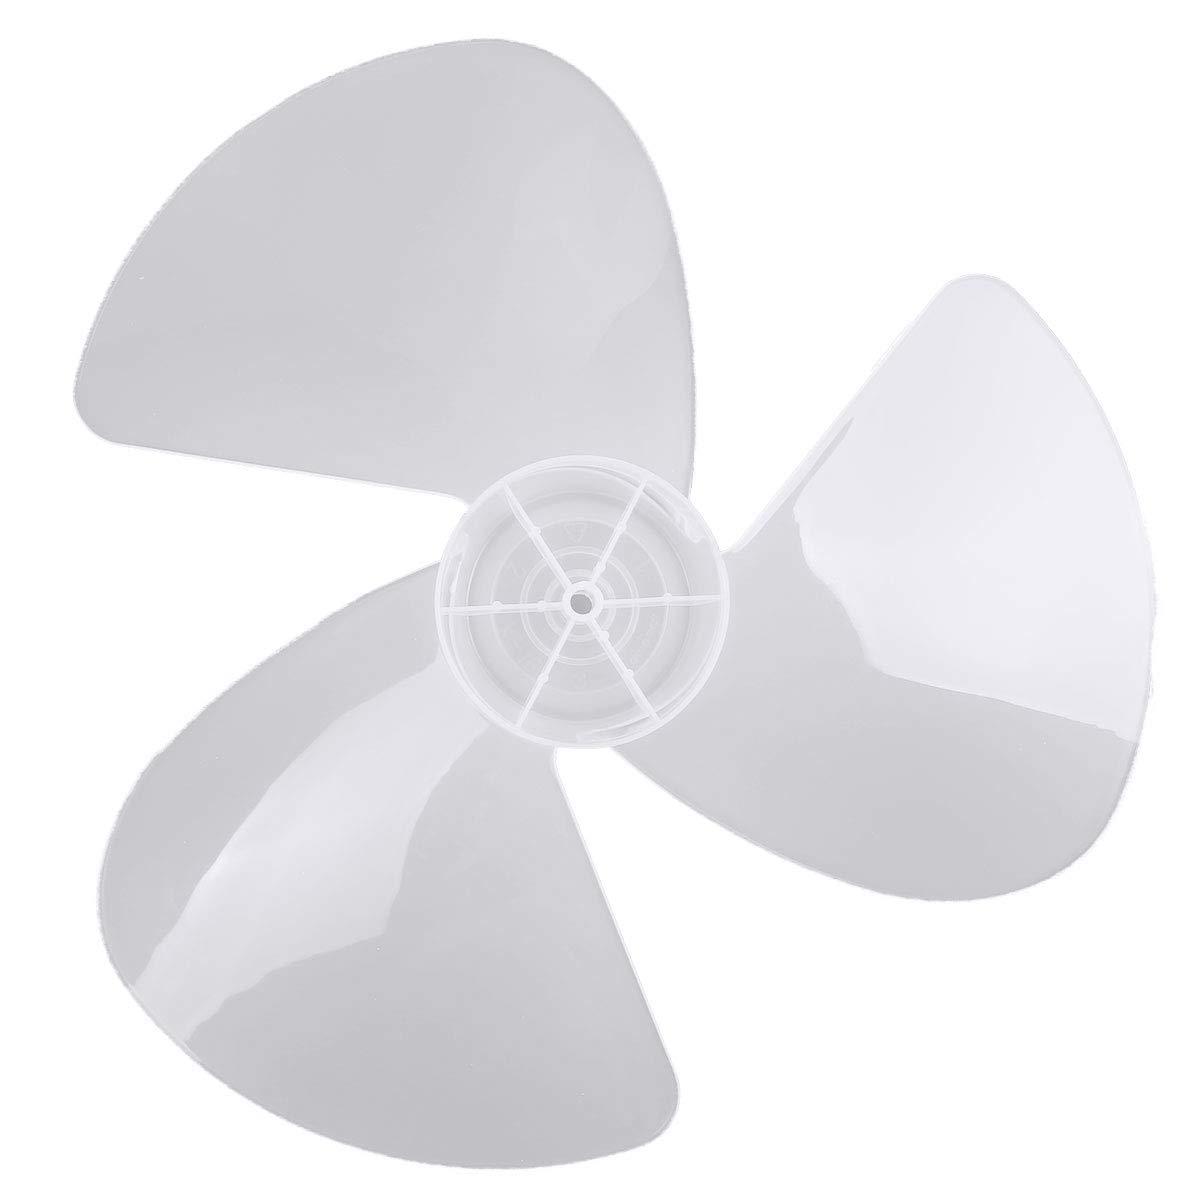 ranrann Tres Hojas de Ventilador Pl/ástico para Hogar Accesorios para Ventilador 16 Inches Con//Sin Tuerca Cuchilla de Viento para Ventilador de Piso,Ventilador de Mesa